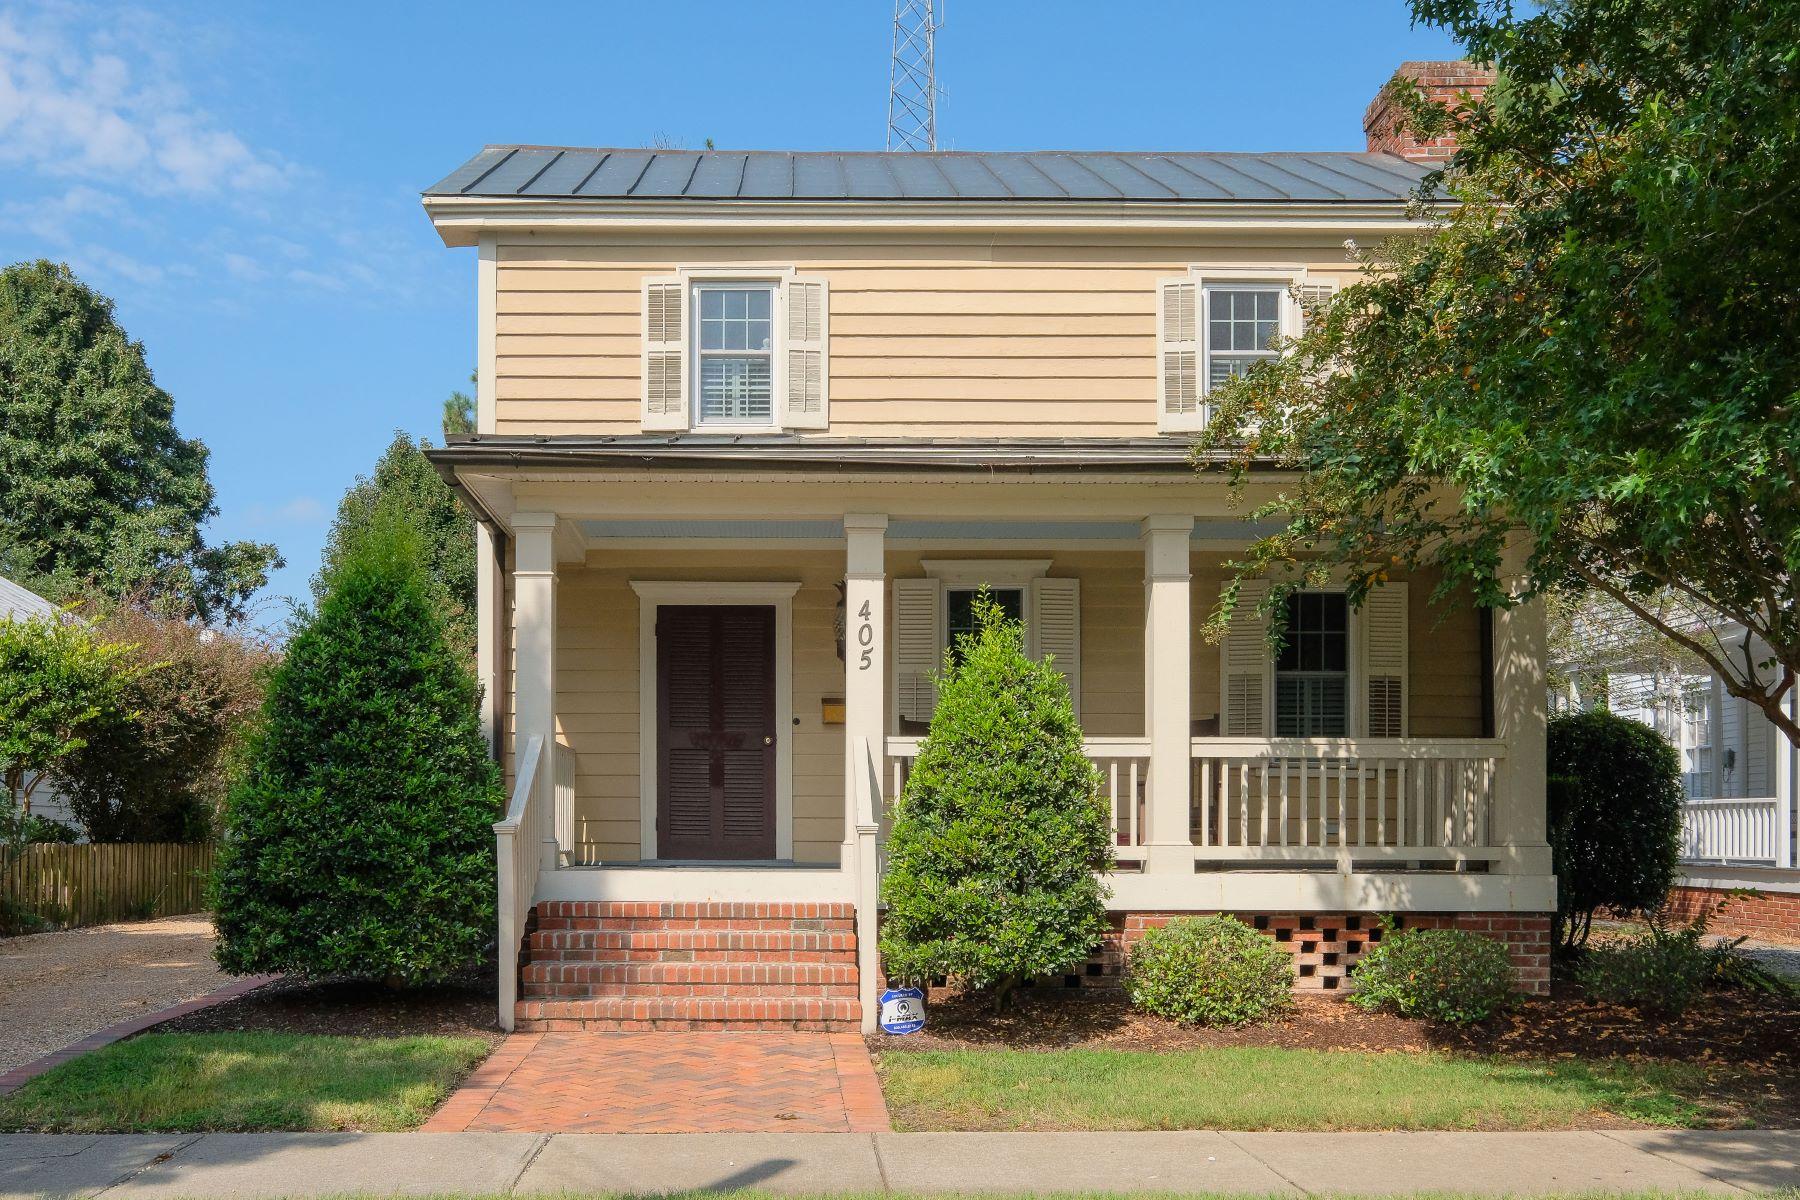 Maison unifamiliale pour l à vendre à Renovated Sansbury Home 405 N Broad St, Edenton, Carolina Du Nord, 27932 États-Unis